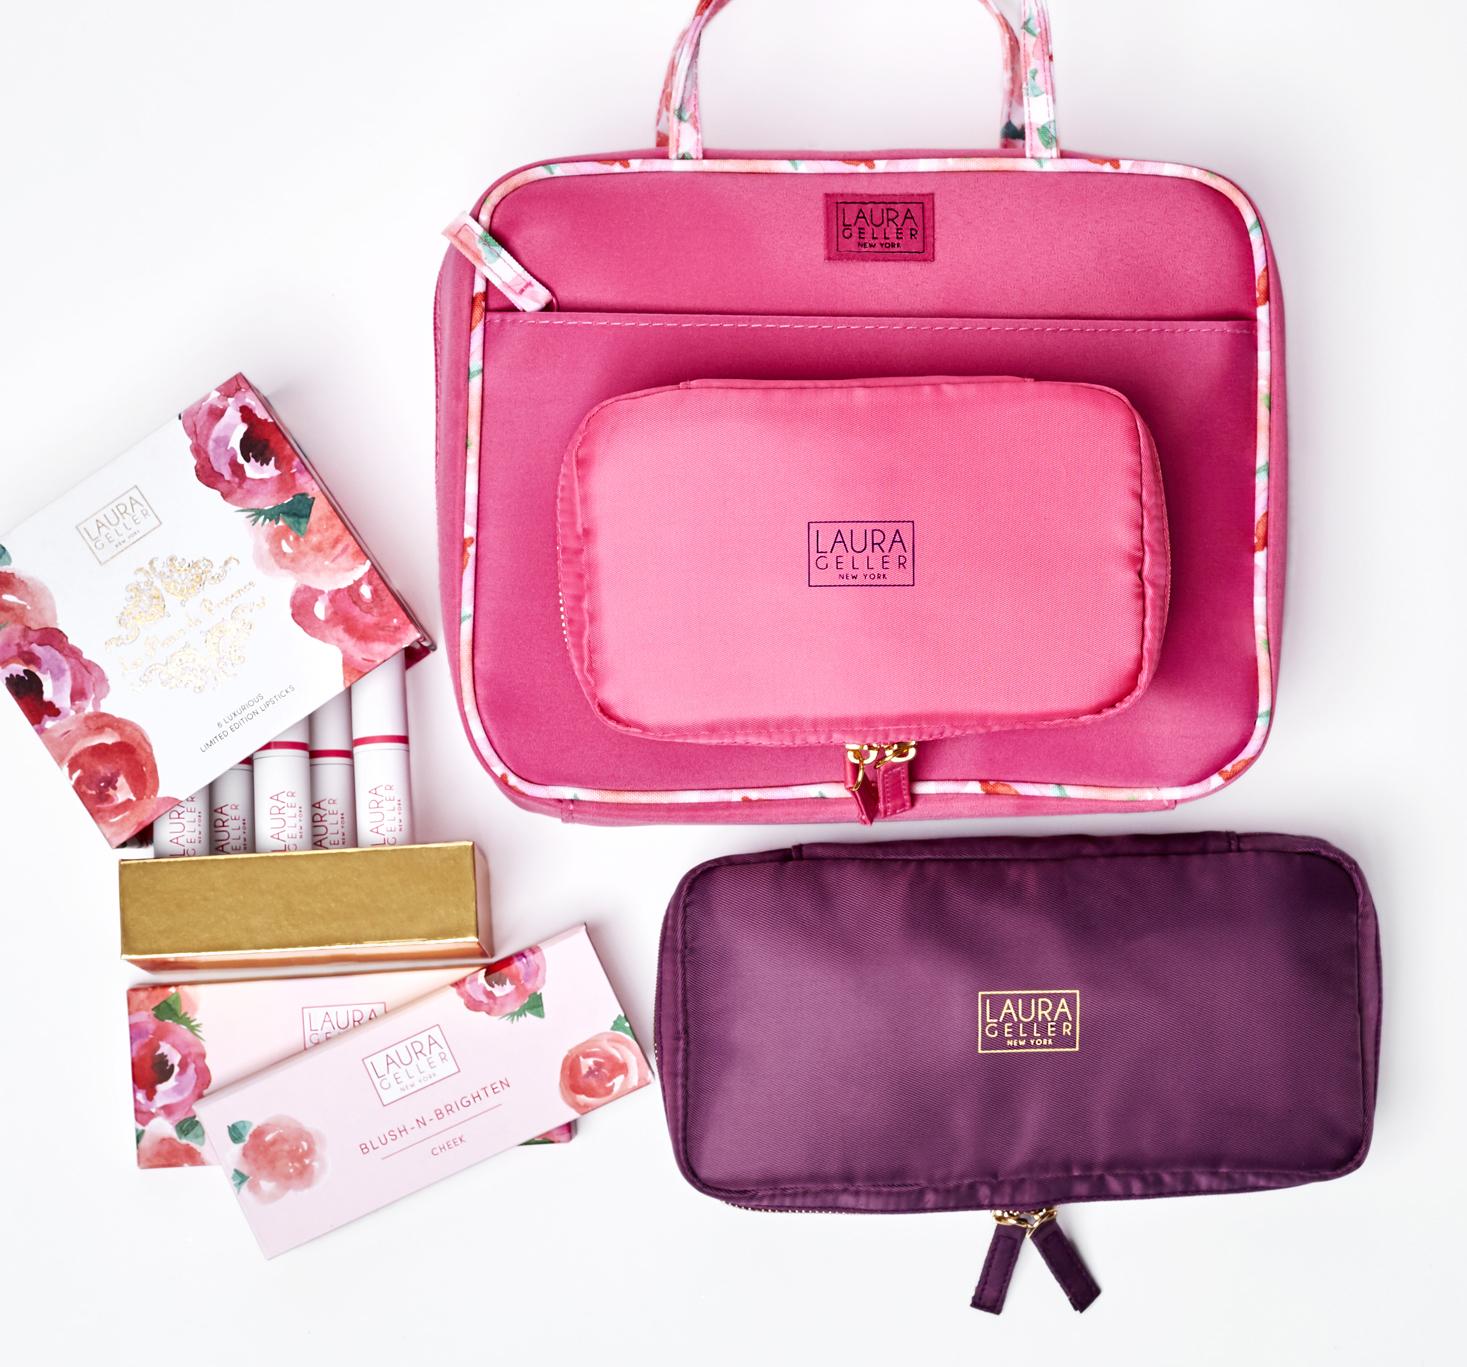 Laura Geller - Complete Set - Palette, Carton, Rigid Box and Makeup Cases